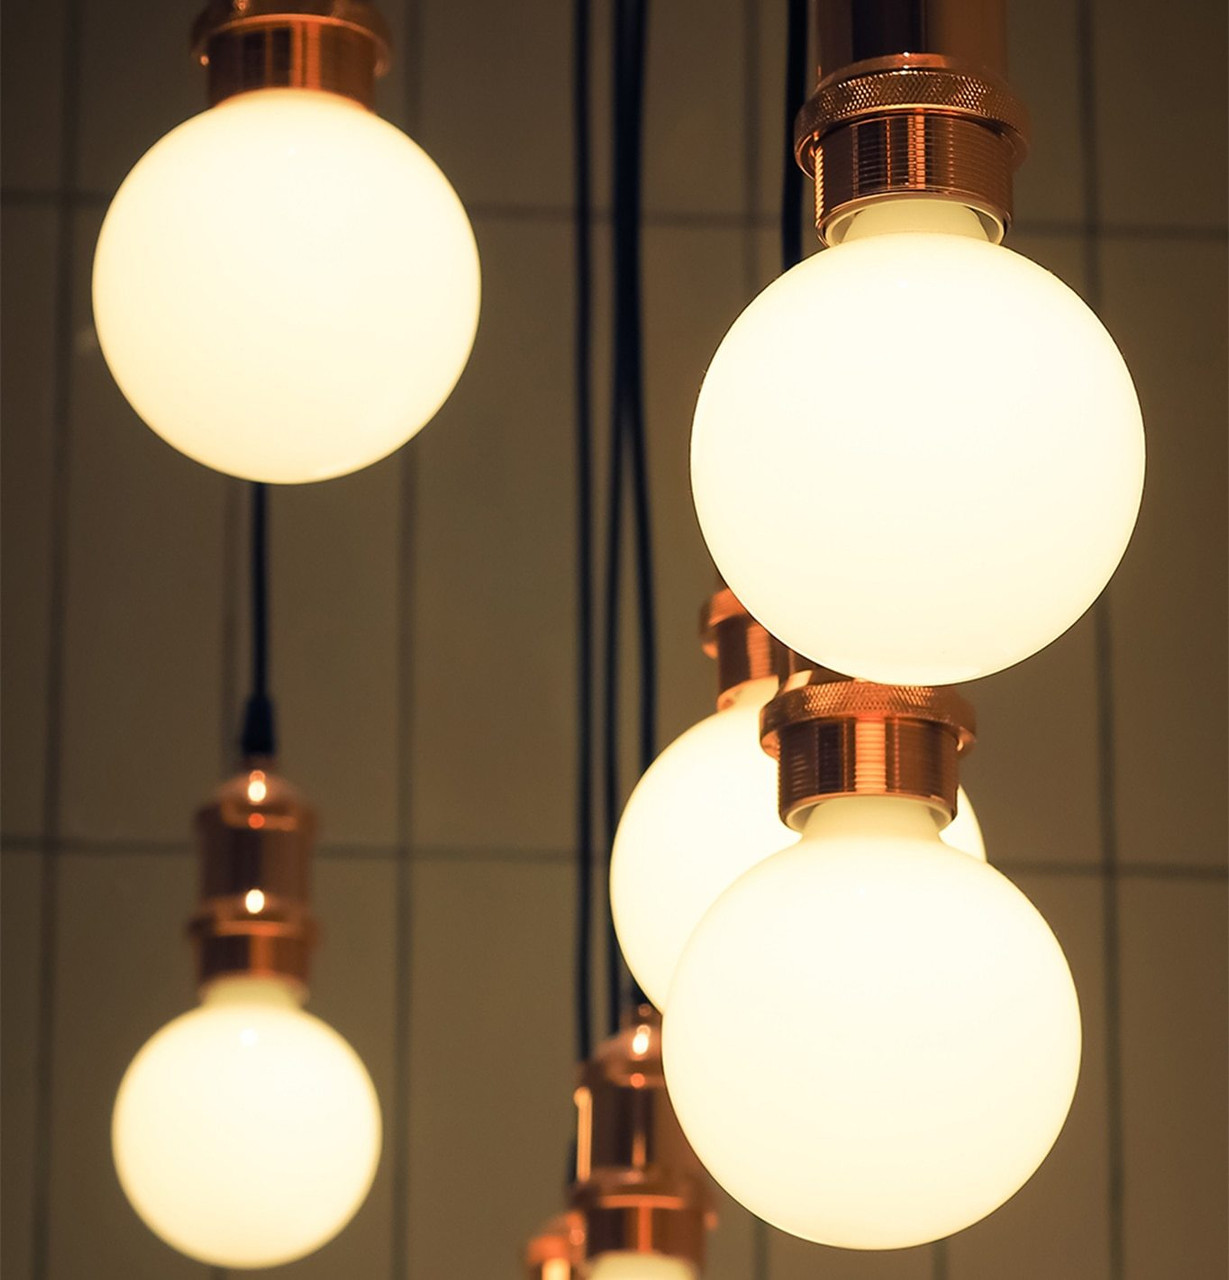 LED Globe Crackle Light Bulbs